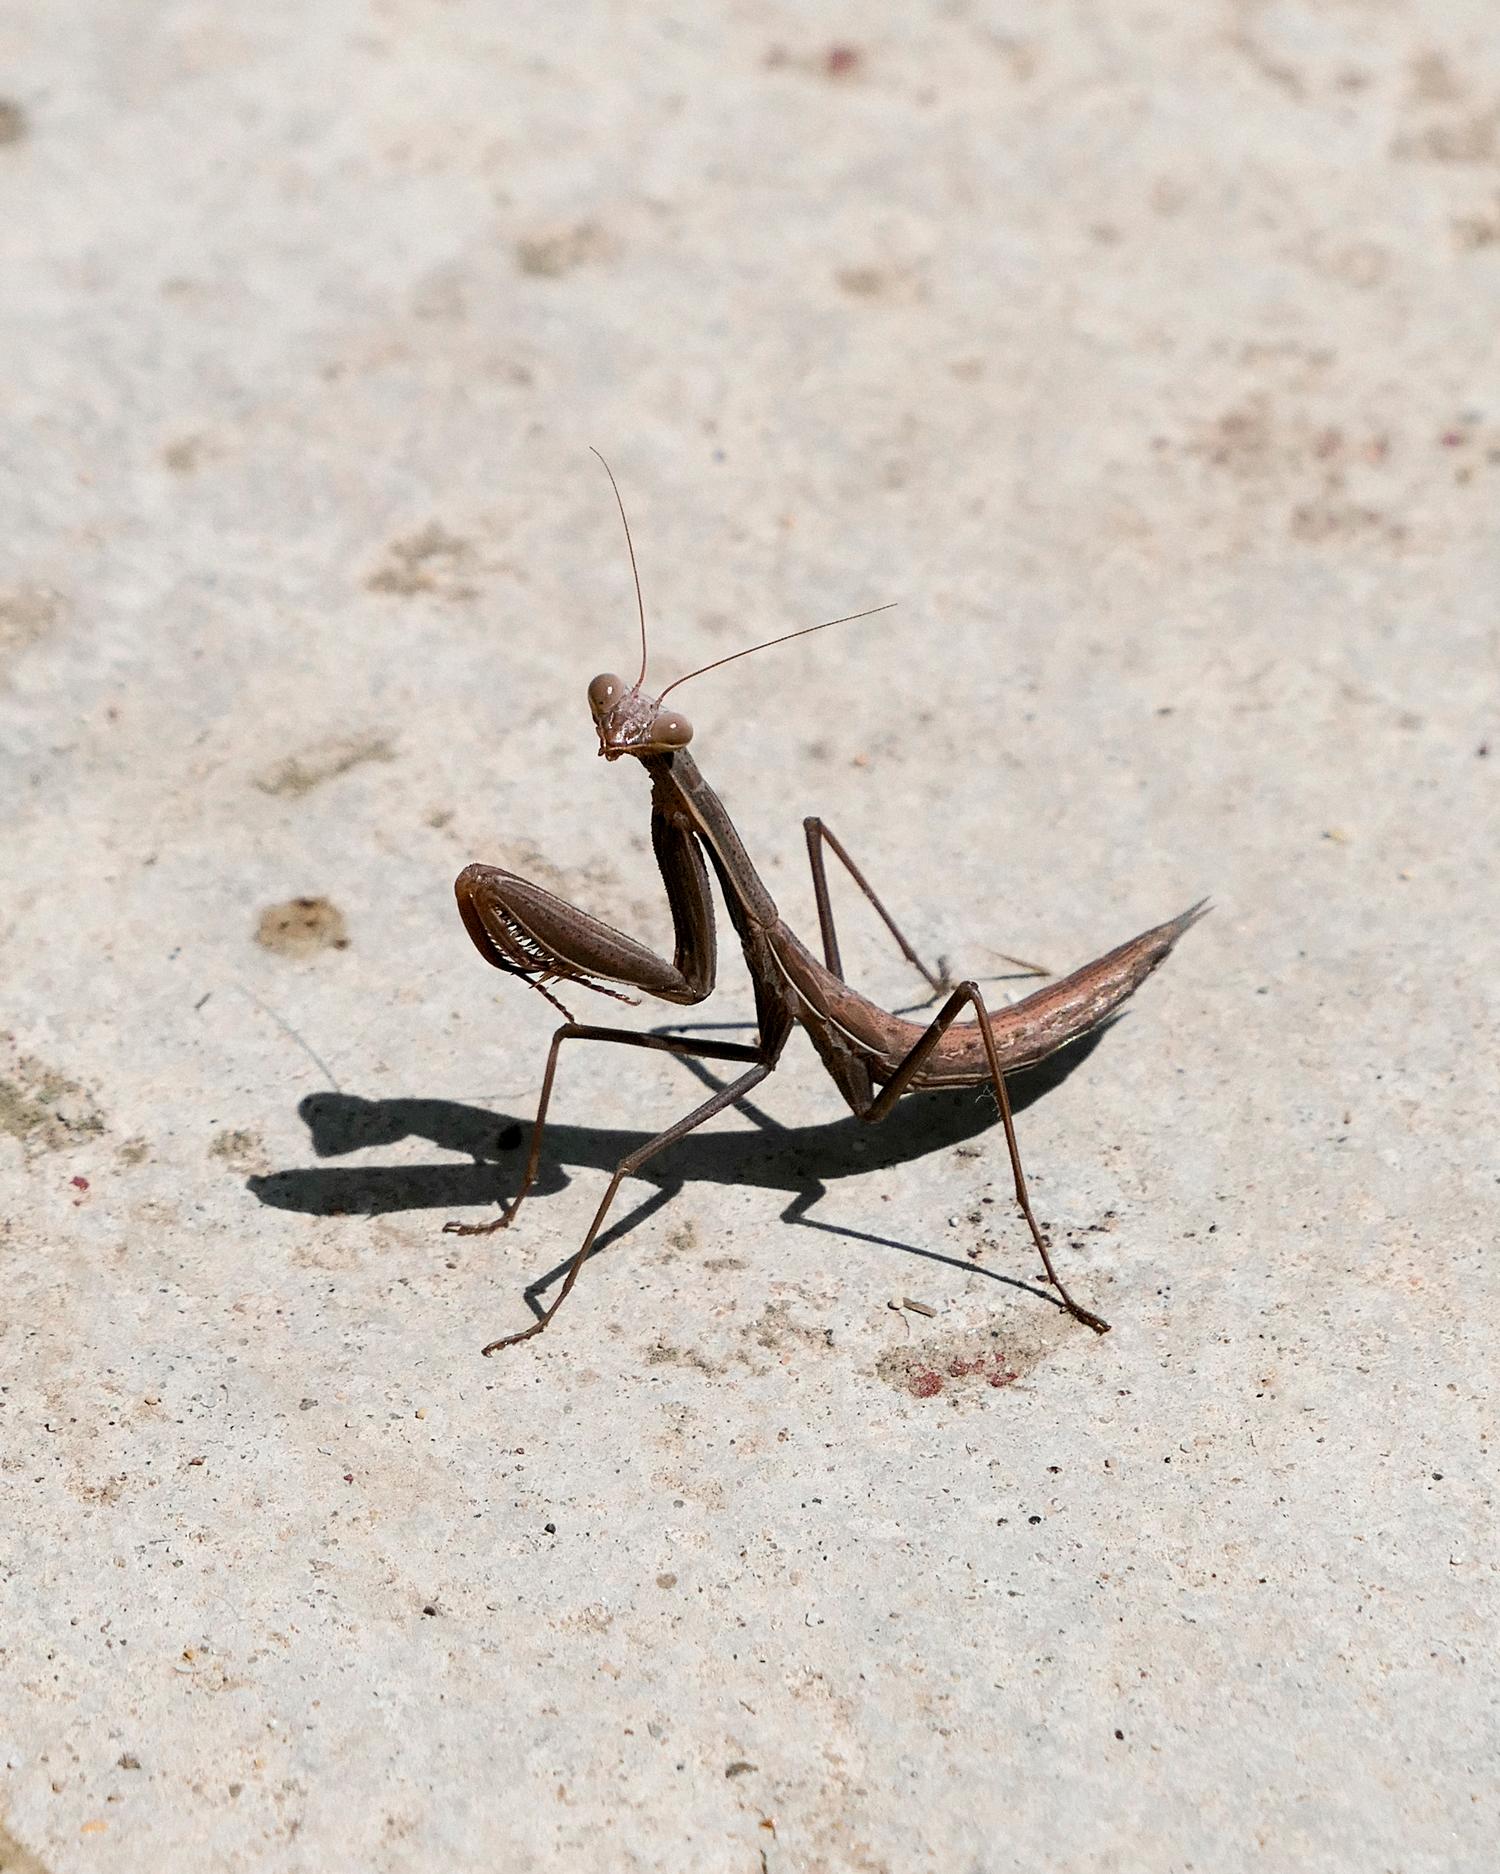 aysia-stieb-foot-tap-jaw-jerk-praying-mantis-05.jpg